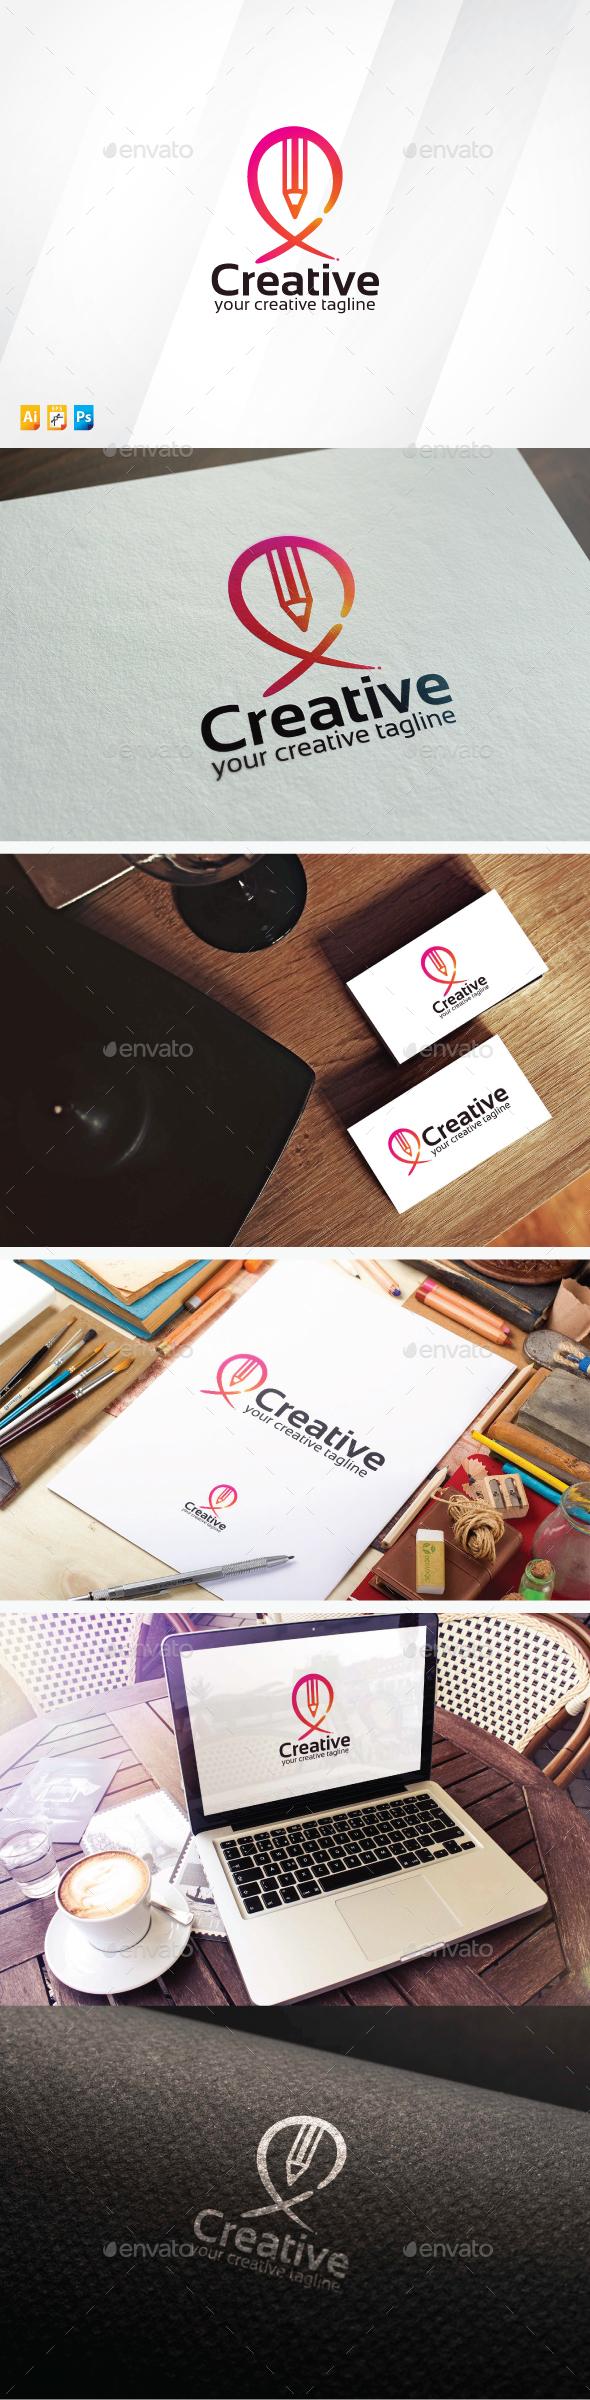 Creative Logo - Abstract Logo Templates